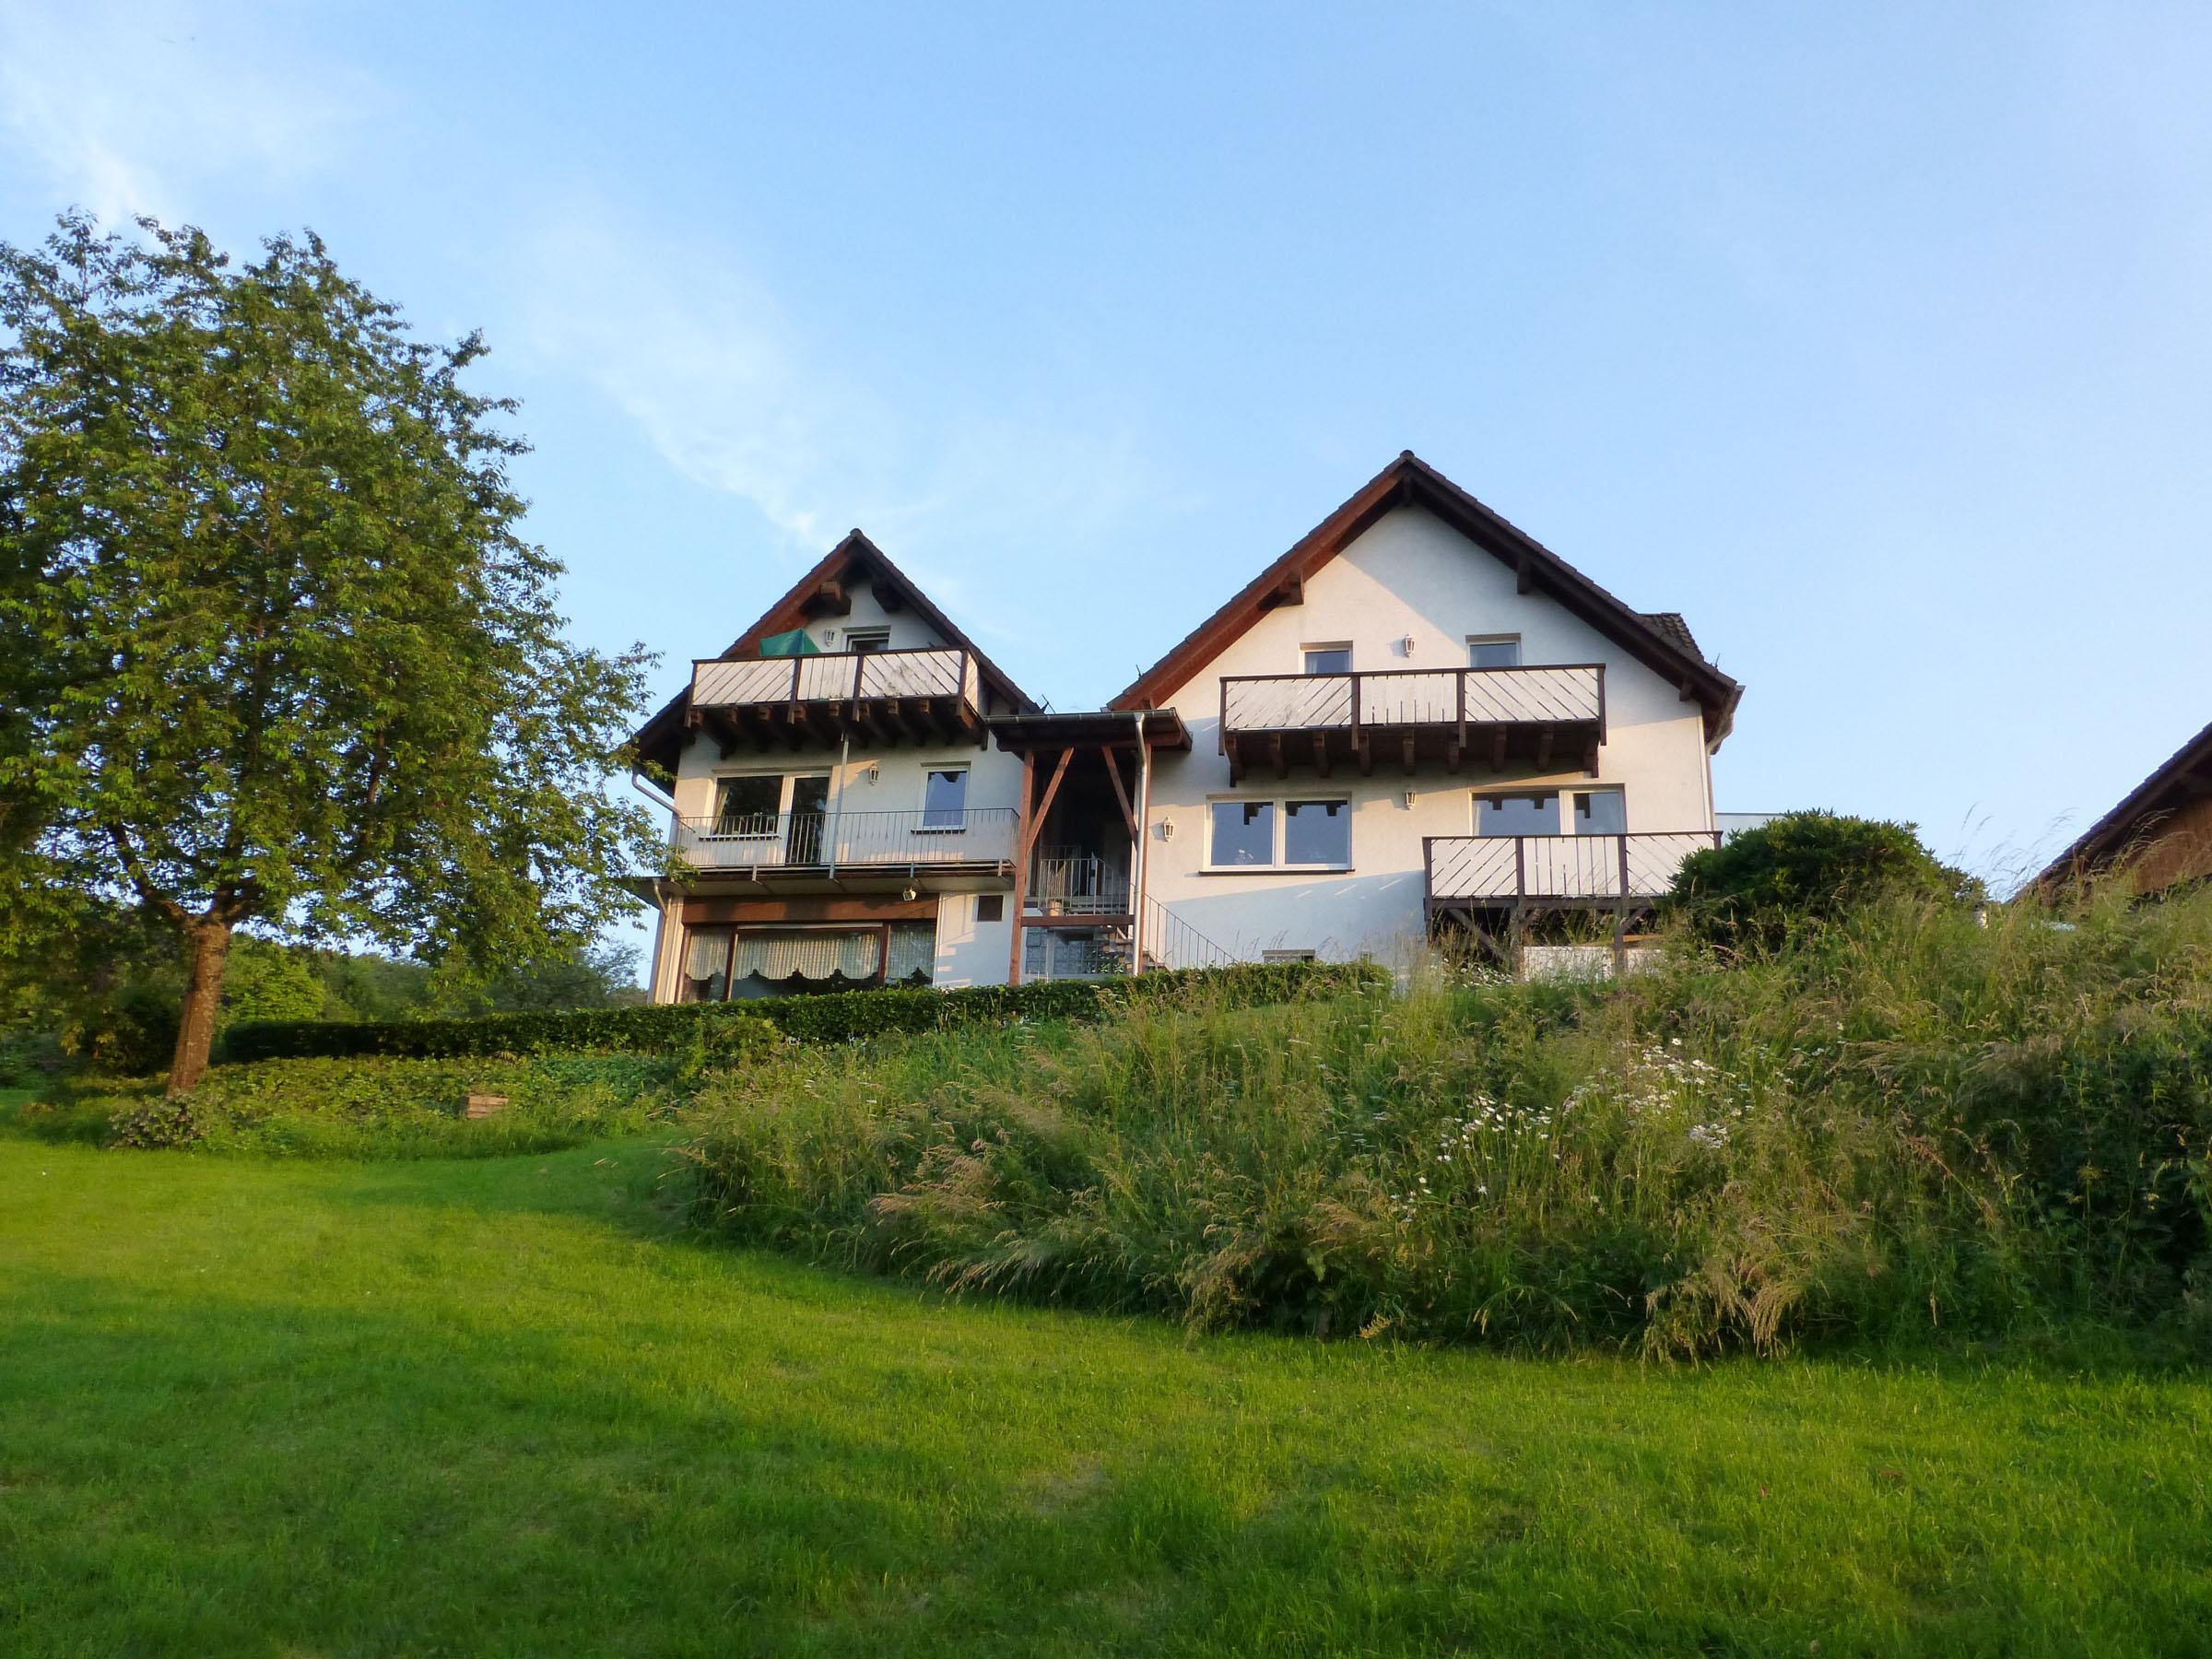 Landhaus Stottmert, (Herscheid). Ferienwohnung 1,  Ferienwohnung in Nordrhein Westfalen